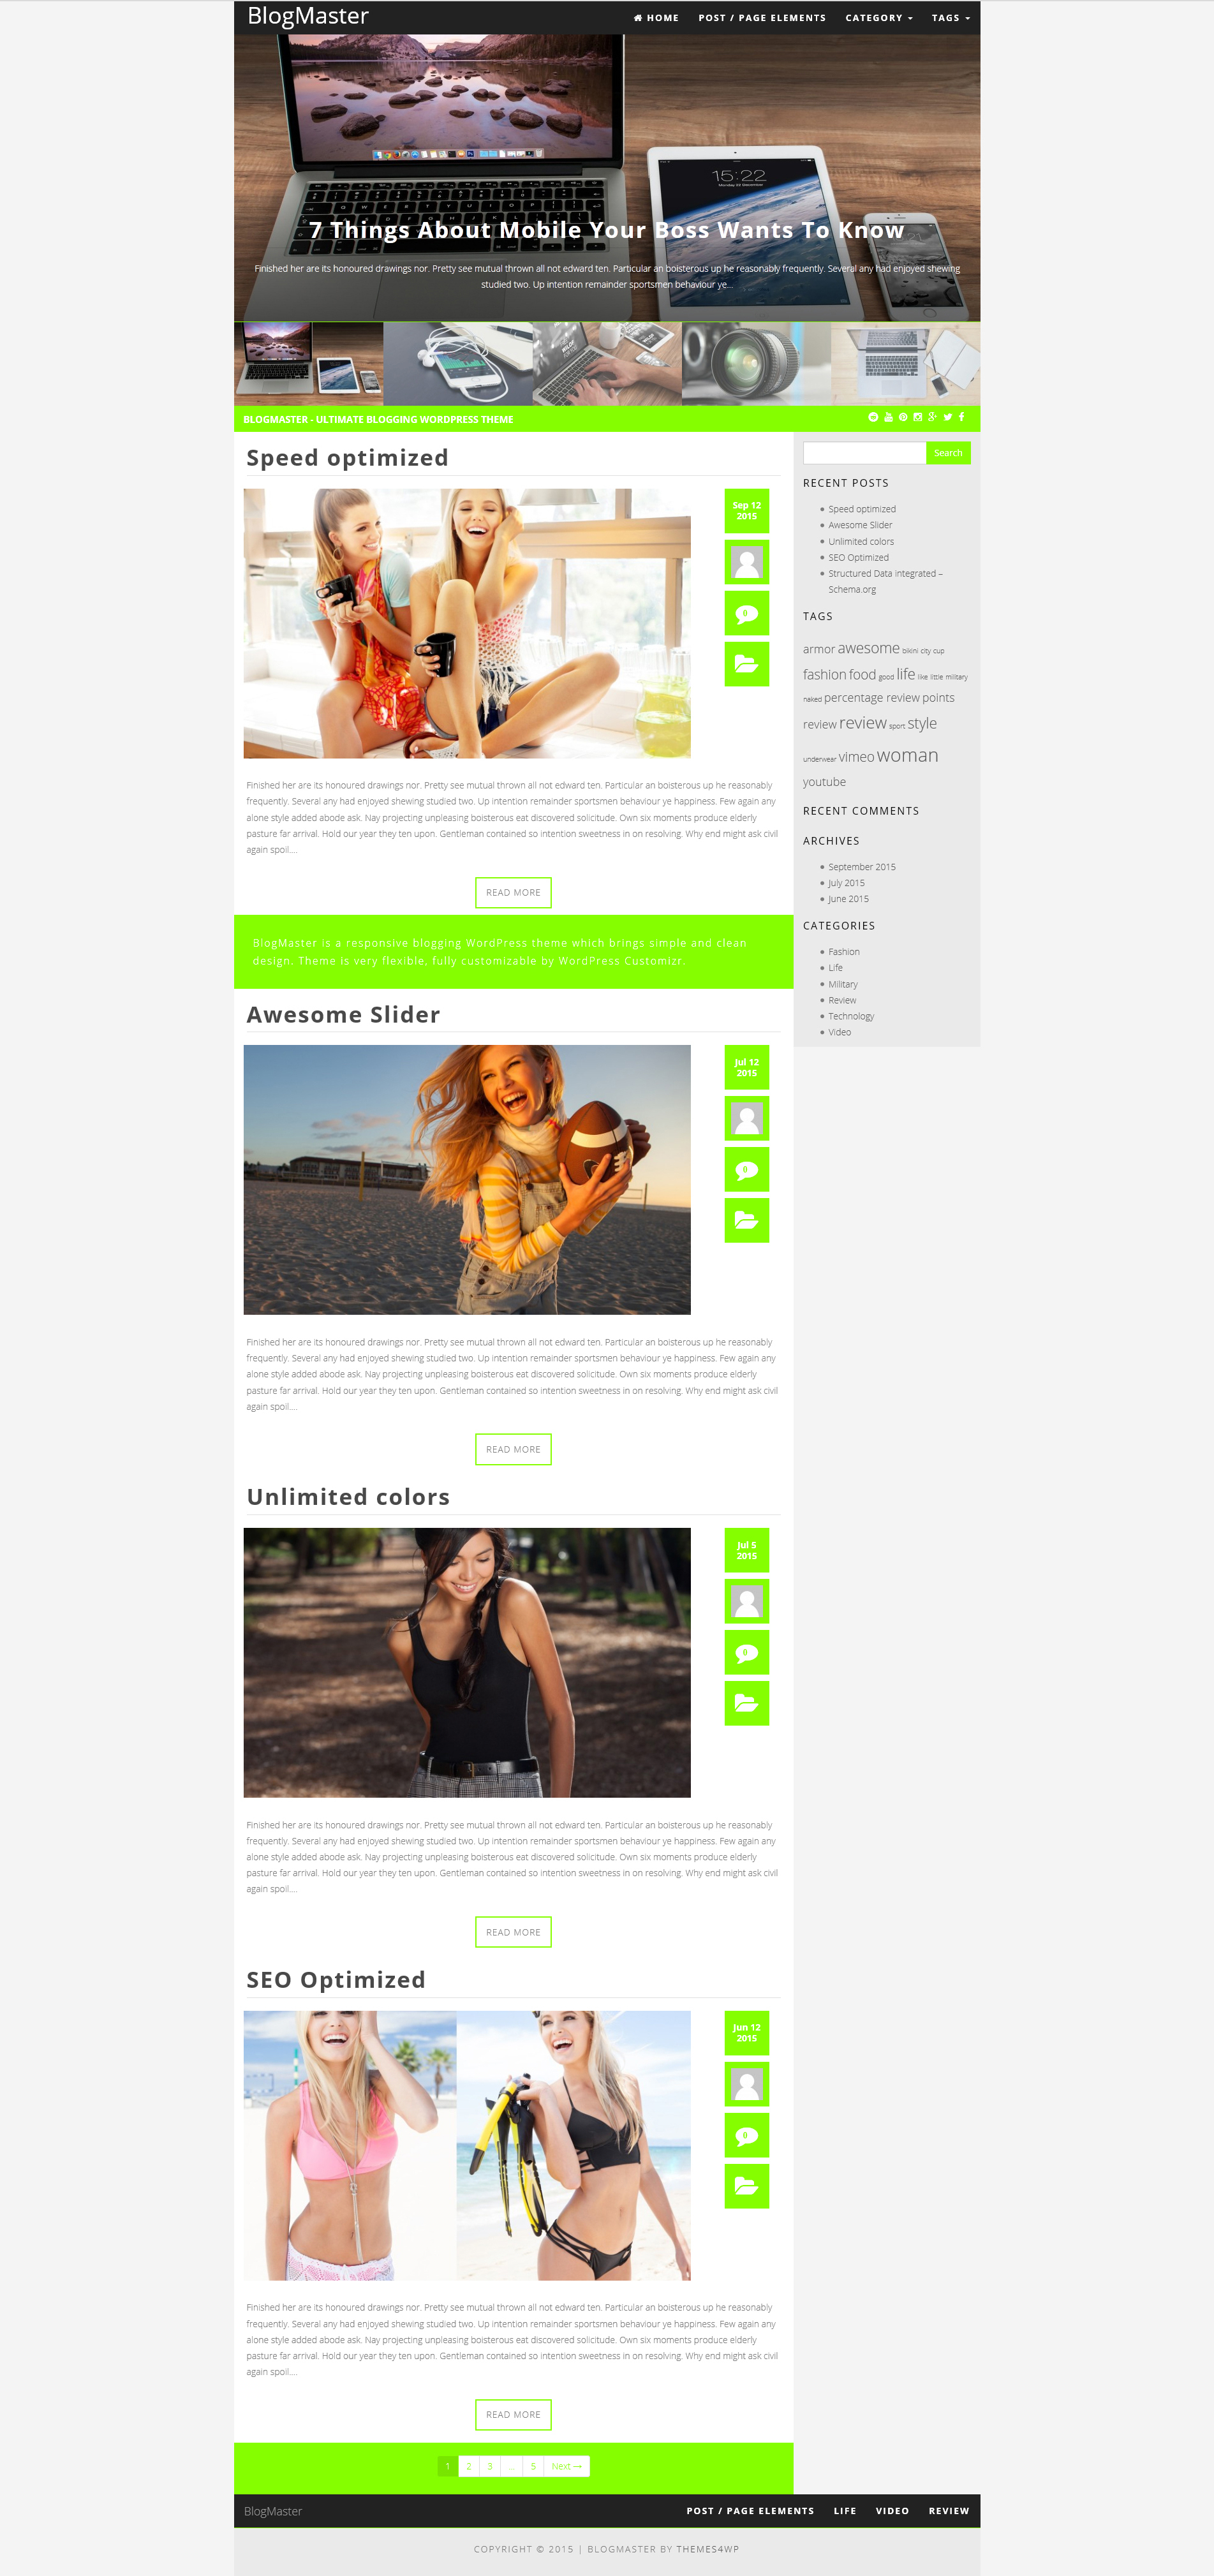 screenshot-demo themes4wp com 2015-11-02 16-03-27